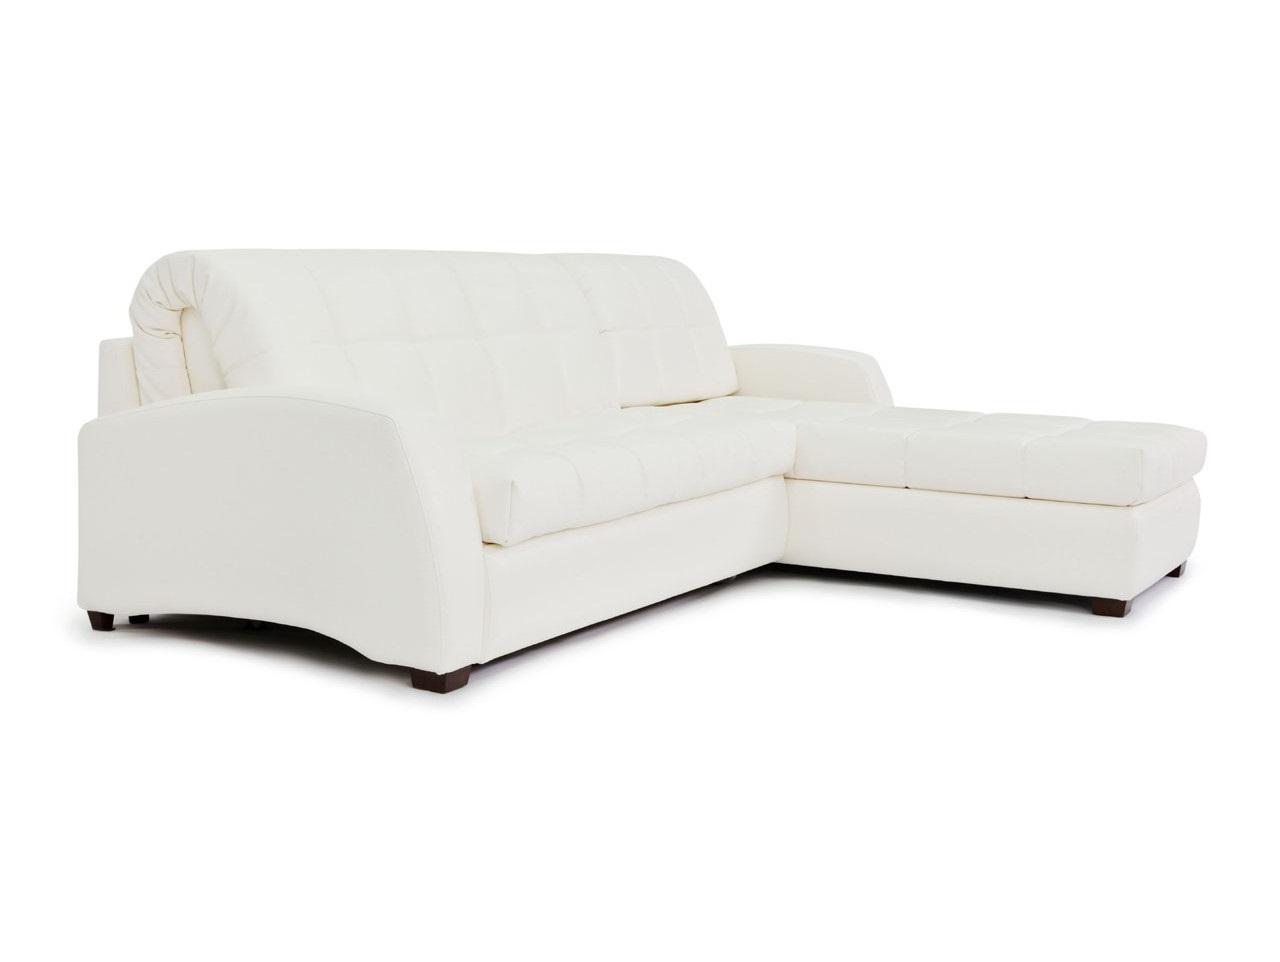 Диван АндреасУгловые раскладные диваны<br>Сегодня модульная мебель становится все более популярной. Этот факт легко объяснить тем, что основное преимущество, которое она обеспечивает - это возможность практично использовать все пространство комнаты любого размера. Именно модульность позволяет дивану &amp;quot;Андреас&amp;quot; организовывать пространство как самых маленьких, так и просто огромных комнат! А механизм трансформации &amp;quot;Аккордеон&amp;quot; в основе дивана &amp;quot;Андреас&amp;quot;, позволяет использовать его как полноценное спальное место&amp;amp;nbsp;&amp;lt;div&amp;gt;&amp;lt;br&amp;gt;&amp;lt;/div&amp;gt;&amp;lt;div&amp;gt;Декоративные подушки в комплект не входят.&amp;amp;nbsp;&amp;lt;/div&amp;gt;&amp;lt;div&amp;gt;Большой выбор обивочных тканей (подробности уточняйте у менеджера).&amp;lt;/div&amp;gt;<br><br>Material: Текстиль<br>Ширина см: 320<br>Высота см: 94<br>Глубина см: 176